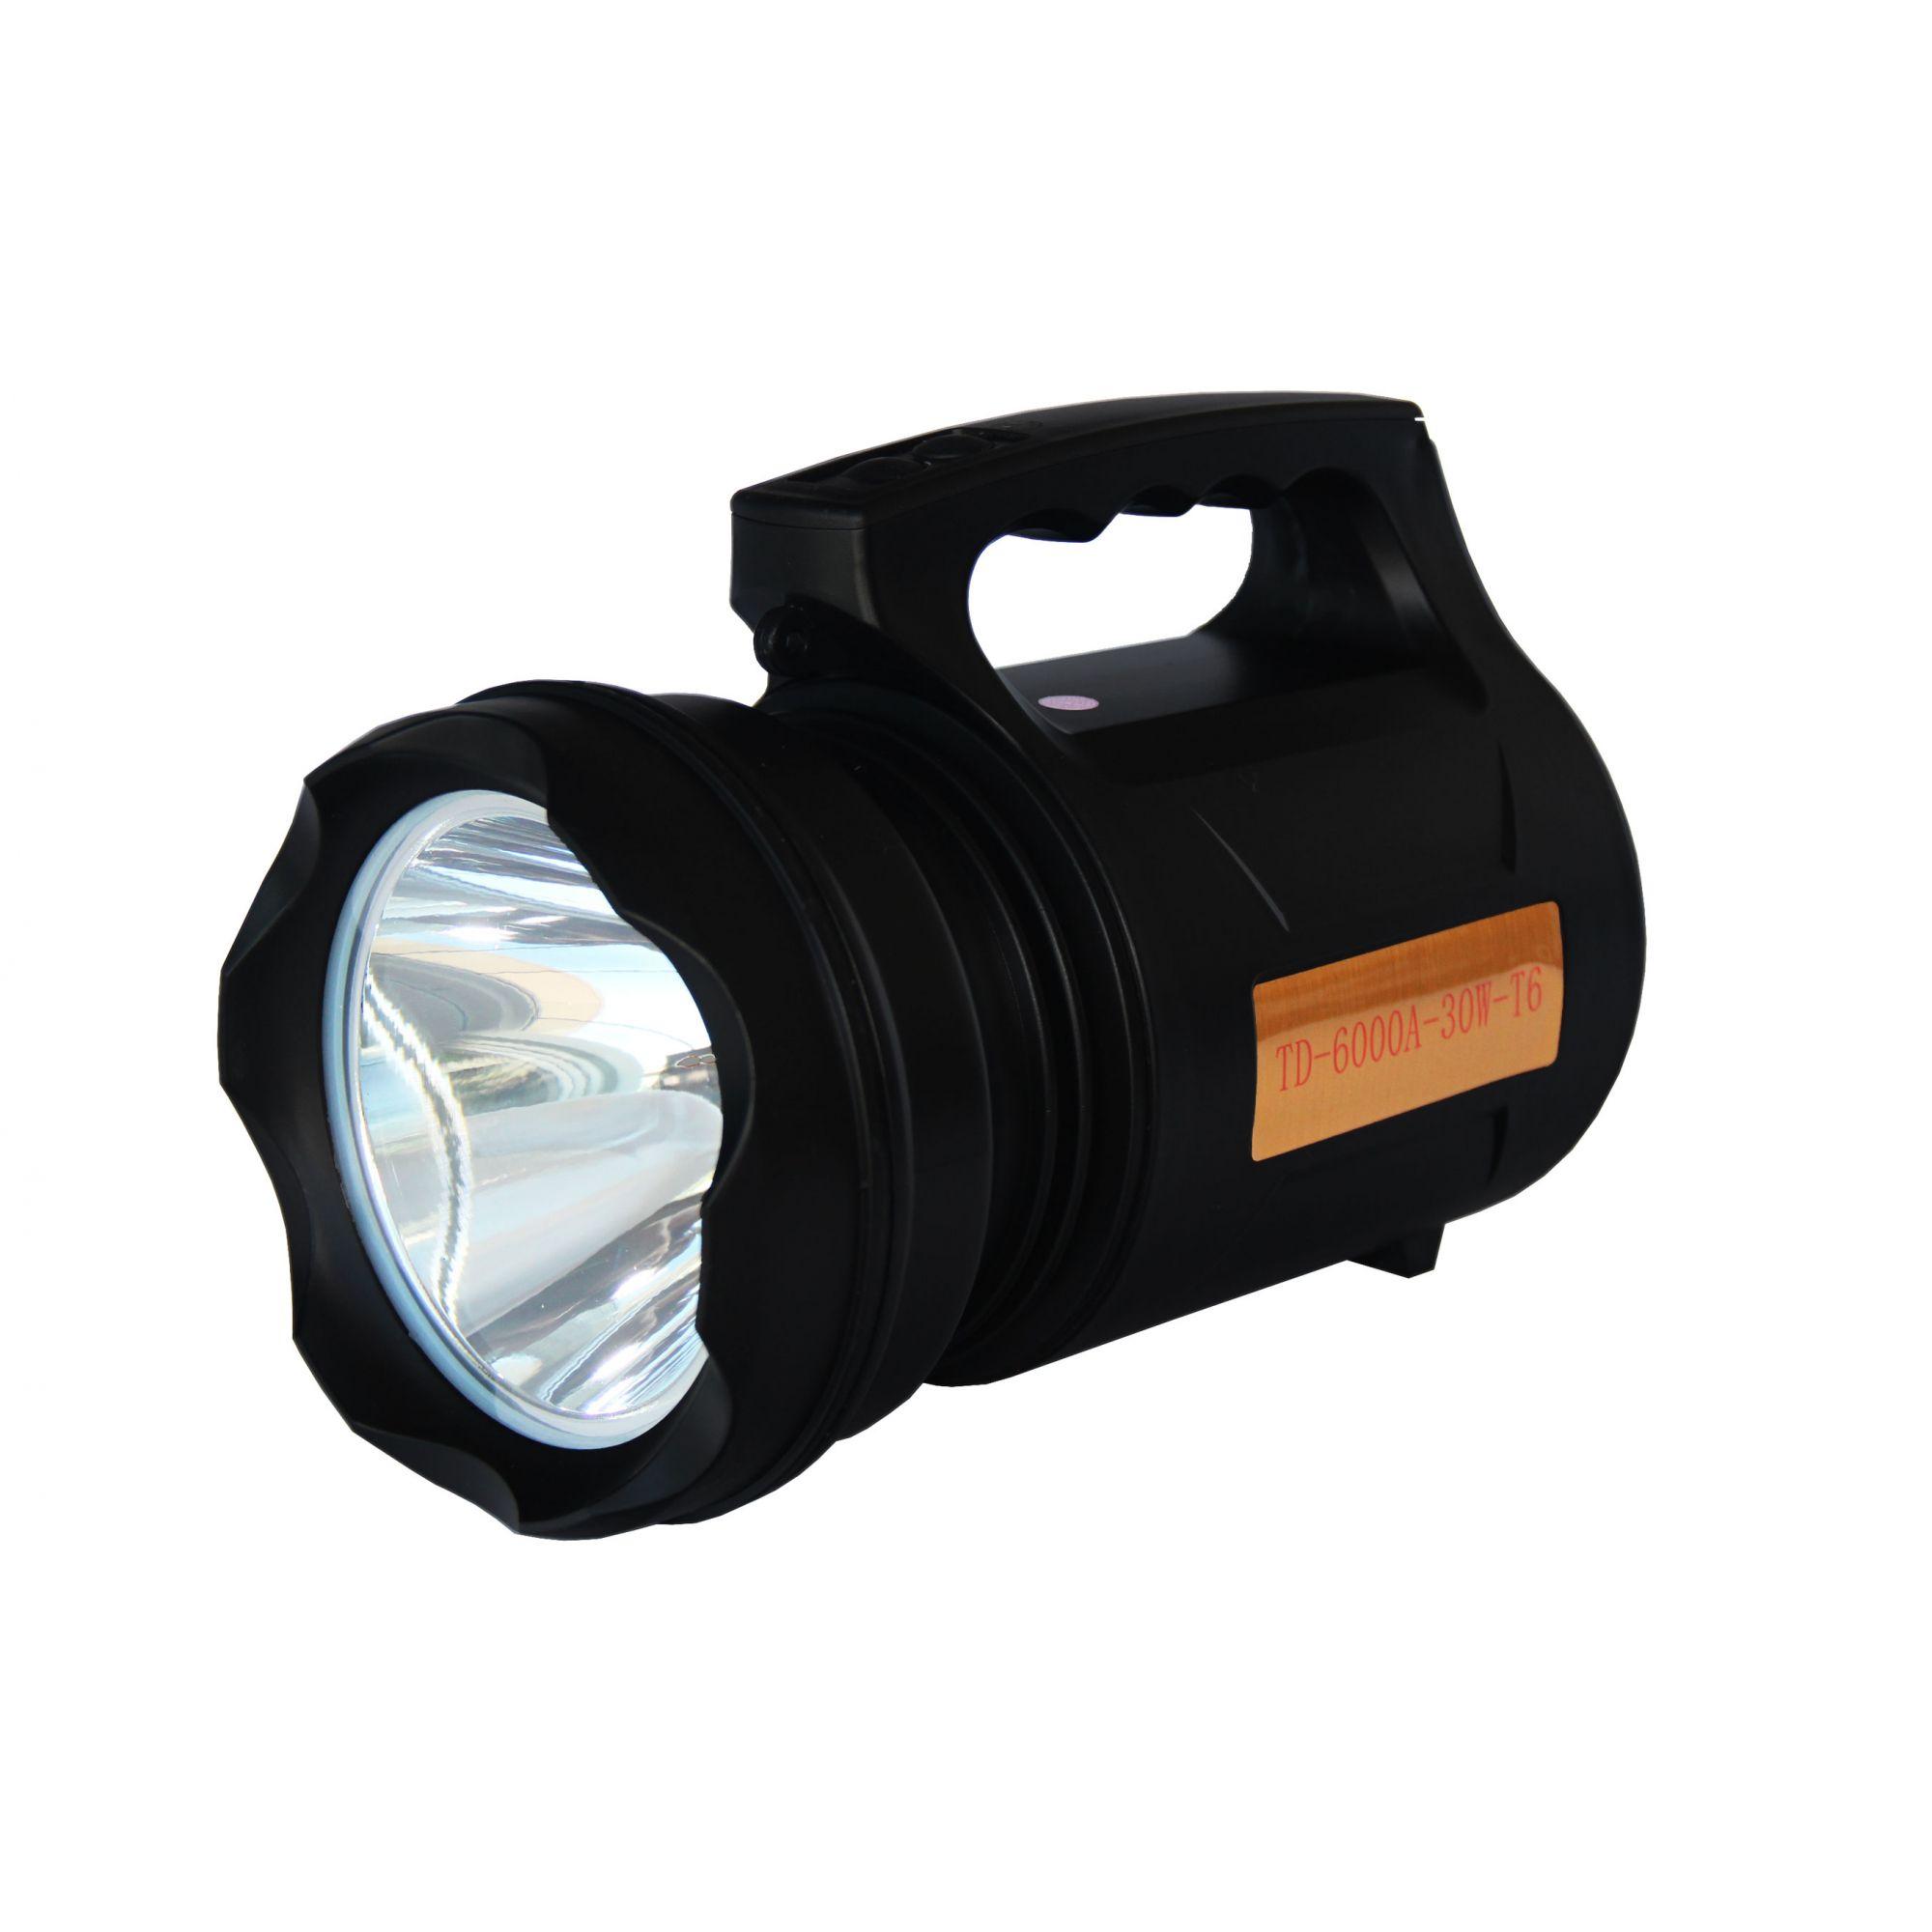 LANTERNA RECARREGÁVEL TD 6000A 30W SUPER LED T6 VERDADEIRA ORIGINAL